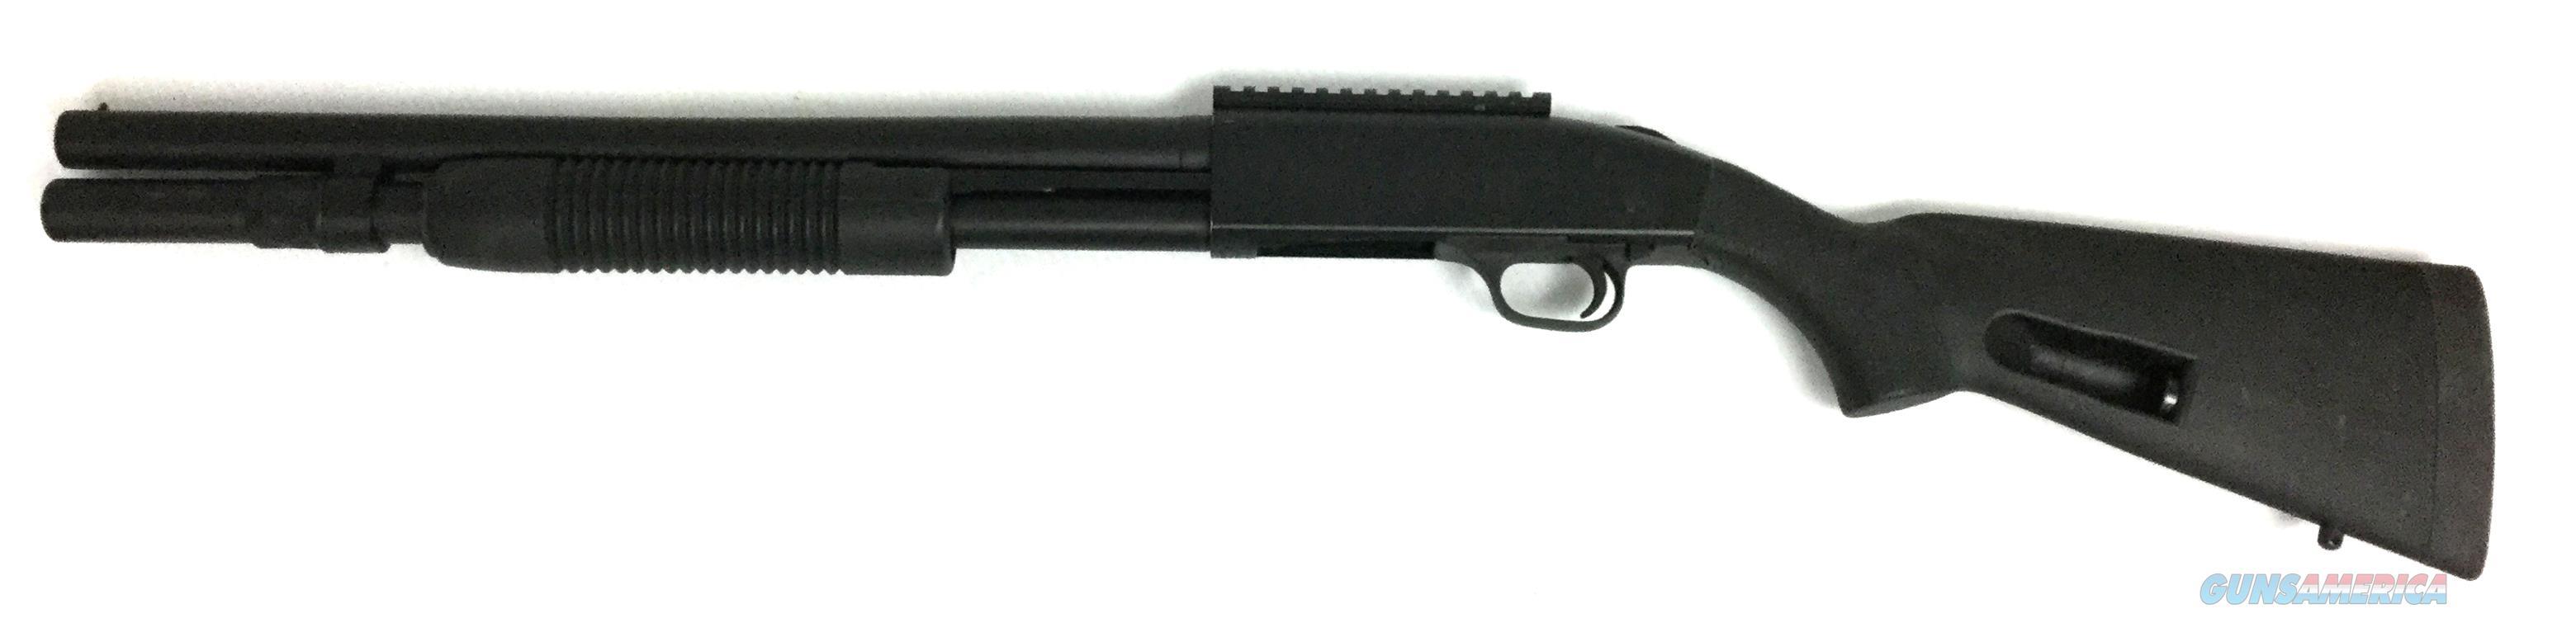 Mossberg M590A1 Shotgun 12 Ga.  Guns > Pistols > MN Misc Pistols